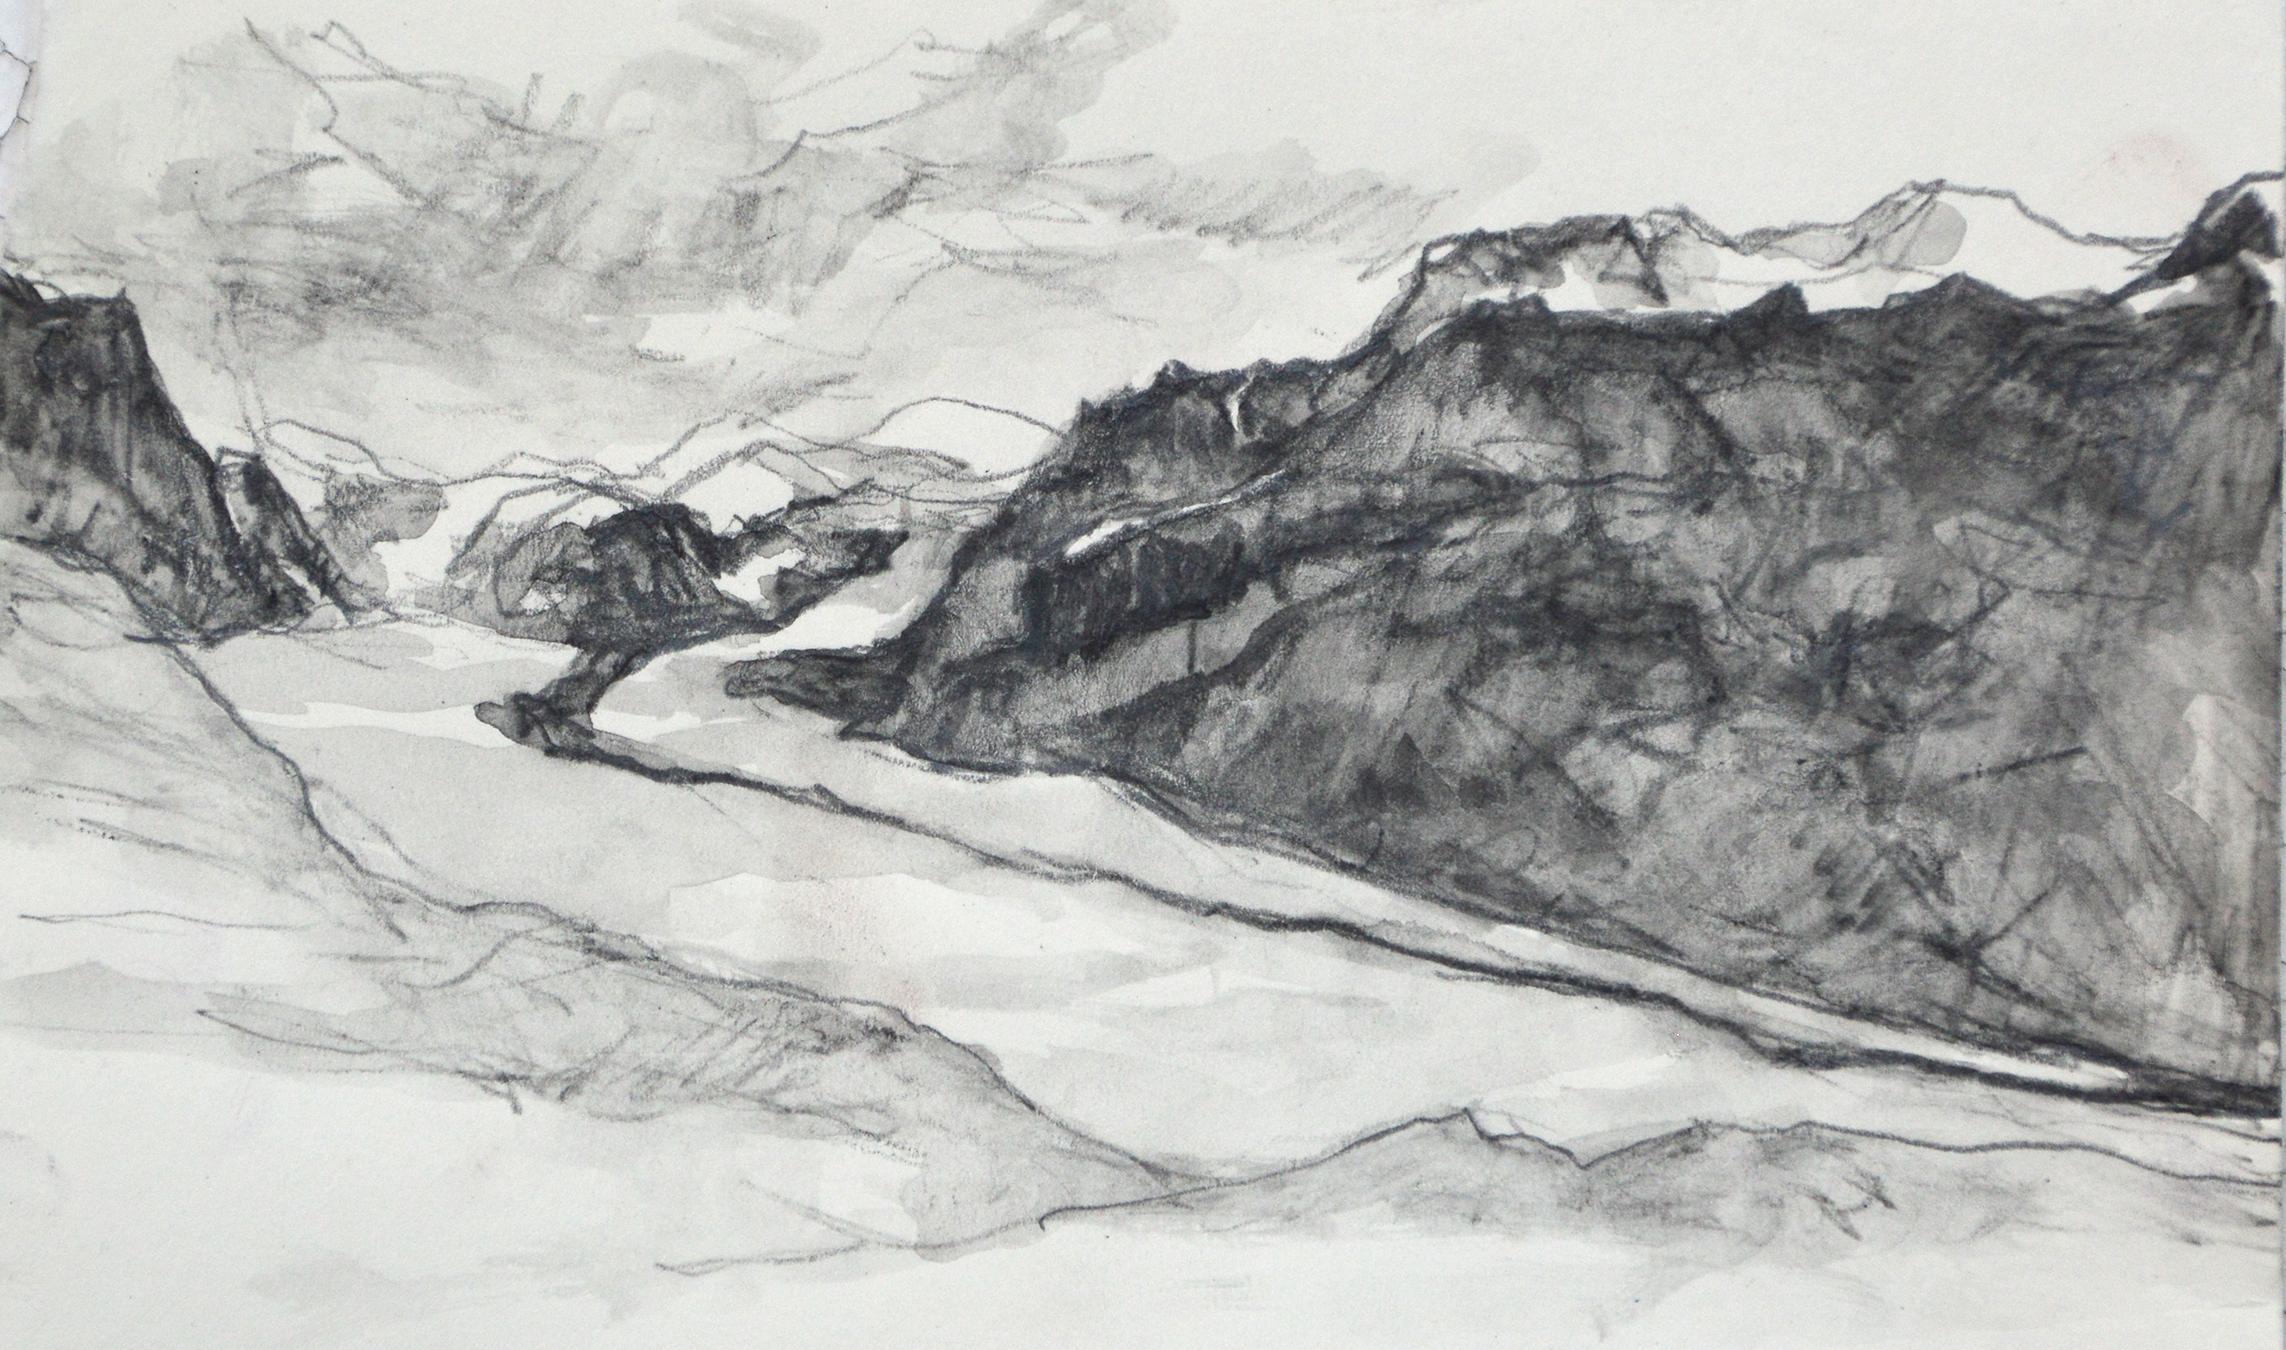 Vatnajökull Glacier, Skaftafell